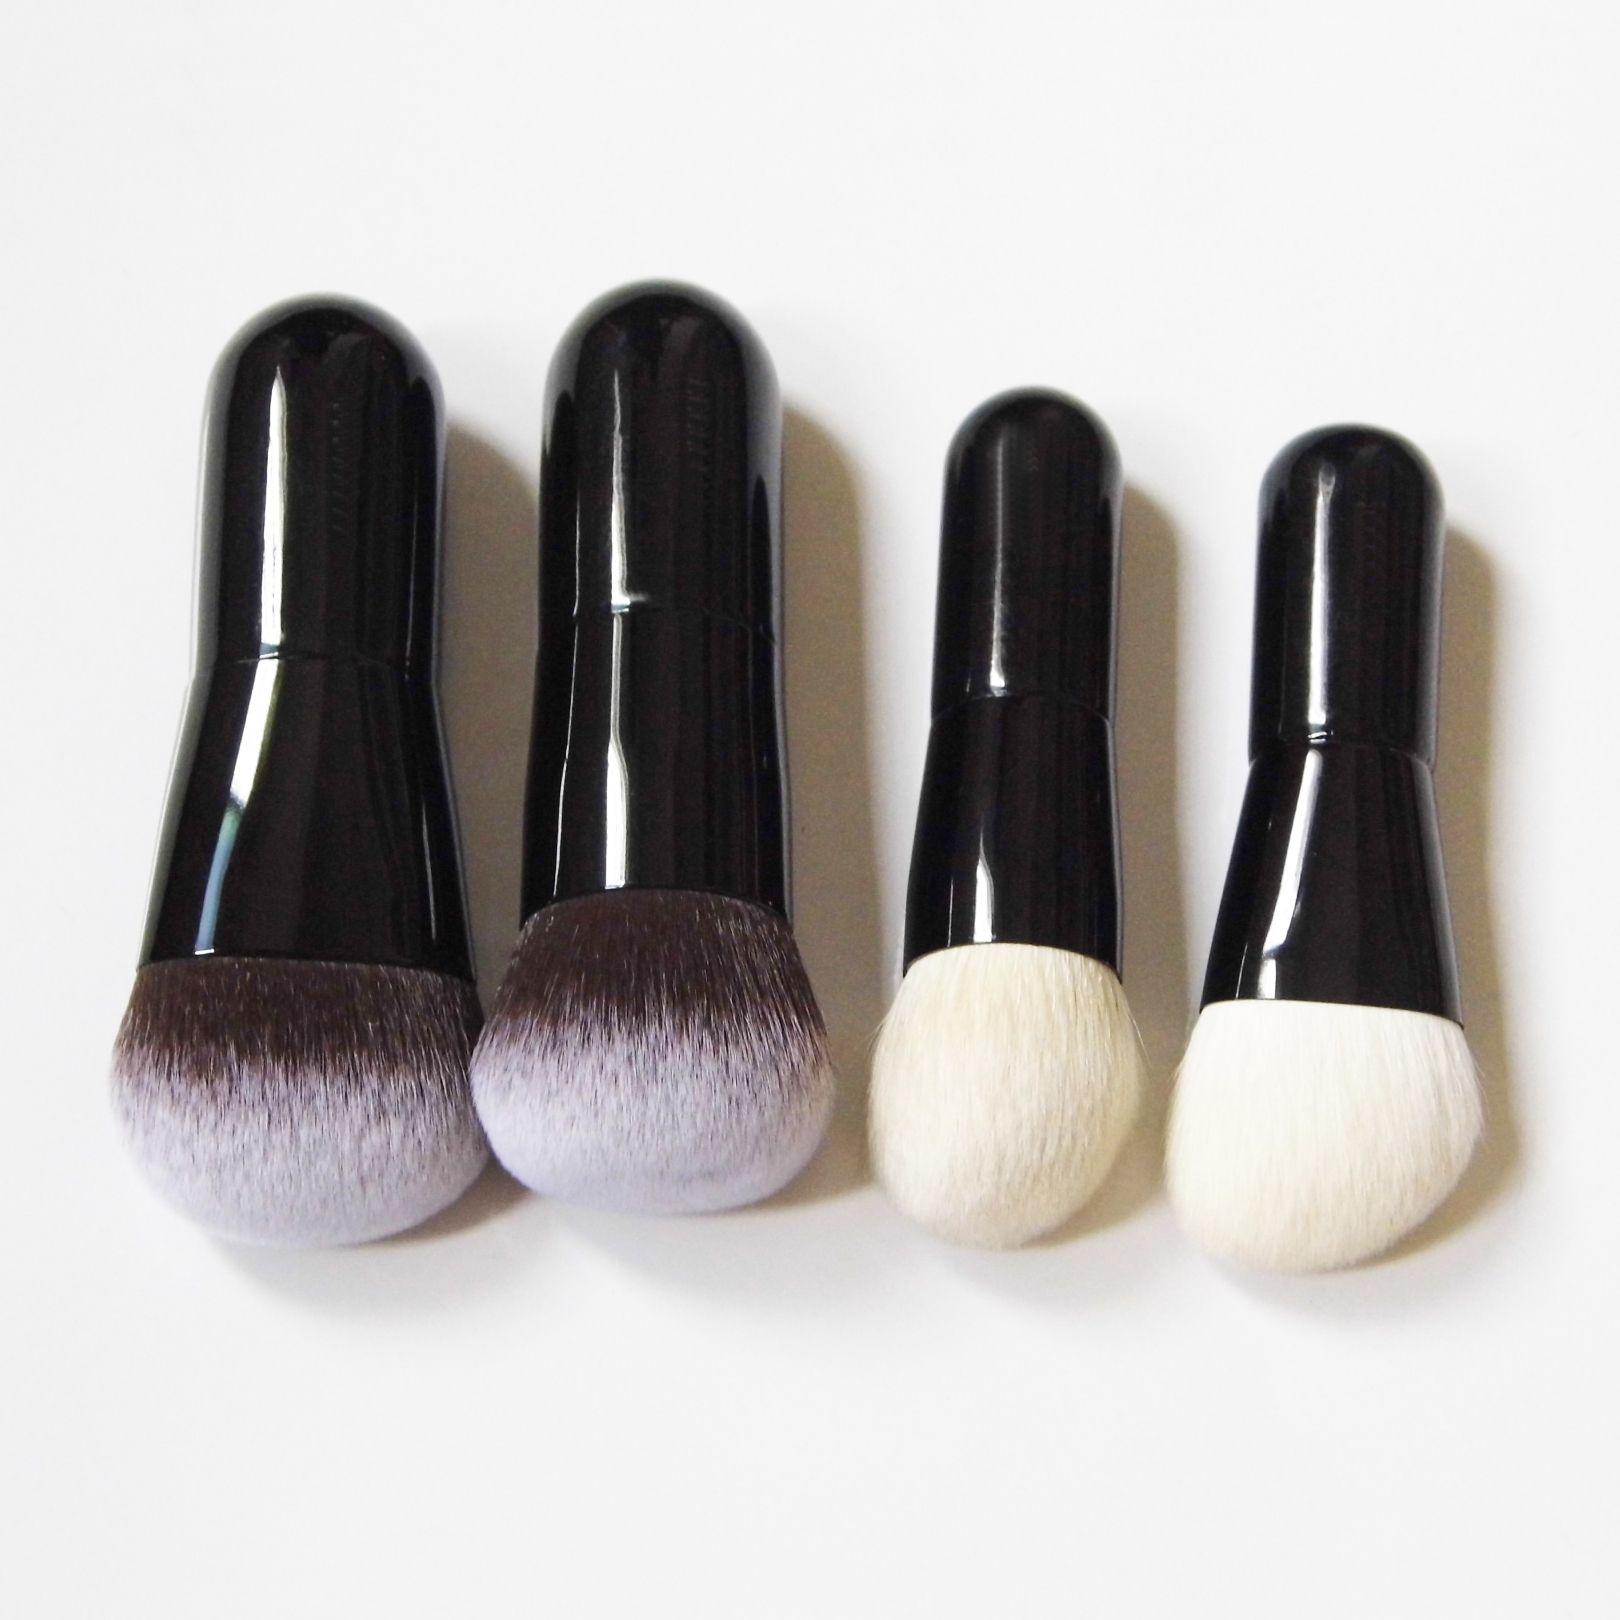 BEILI Pink 25 Pieces Makeup Brushes Set Natural goat hair